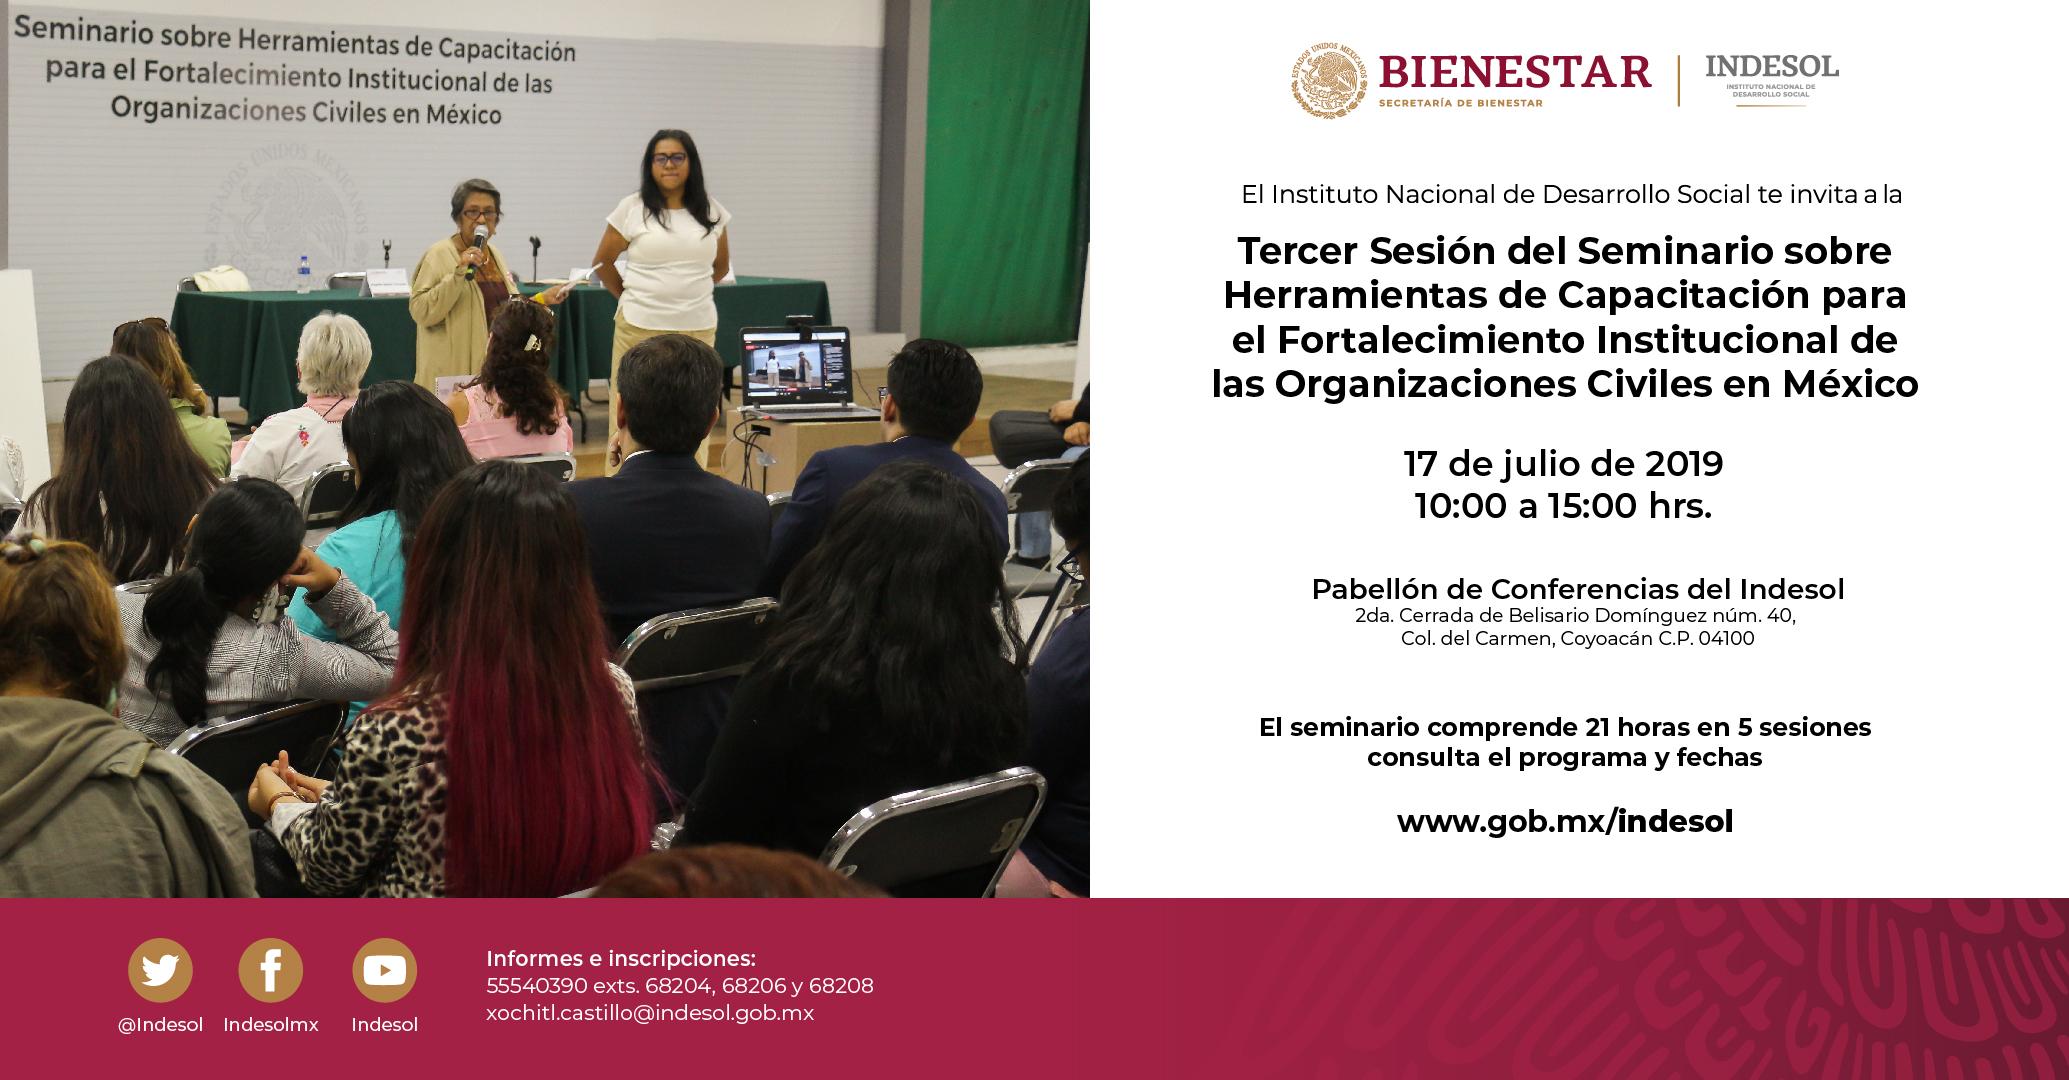 Banner de invitación a la tercer sesión del seminario sobre herramientas de capacitación para el fortalecimiento institucional de las OSC en México